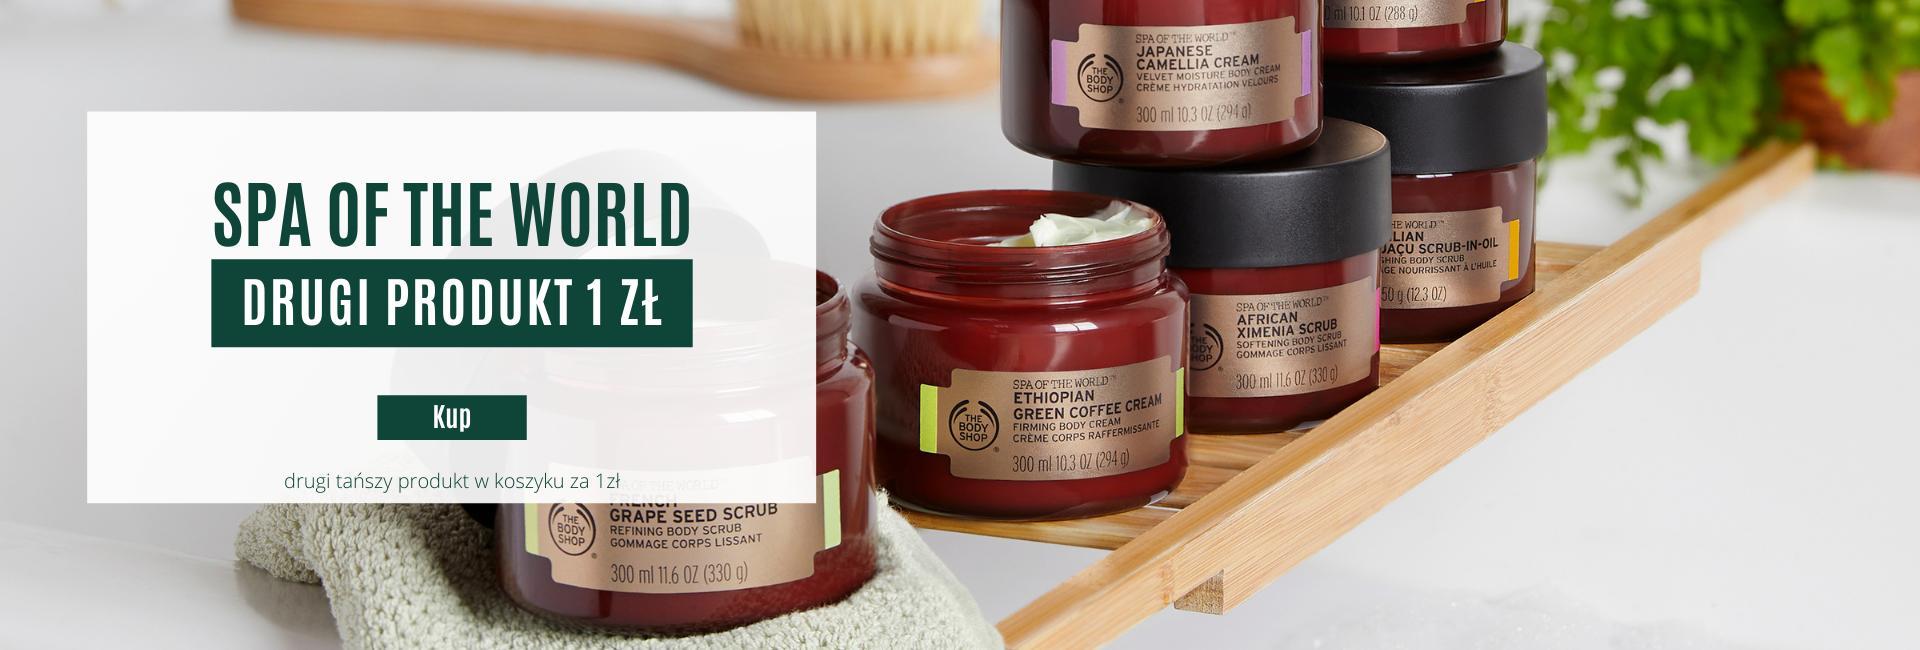 The Body Shop: drugi produkt z serii Spa of The World za 1 zł